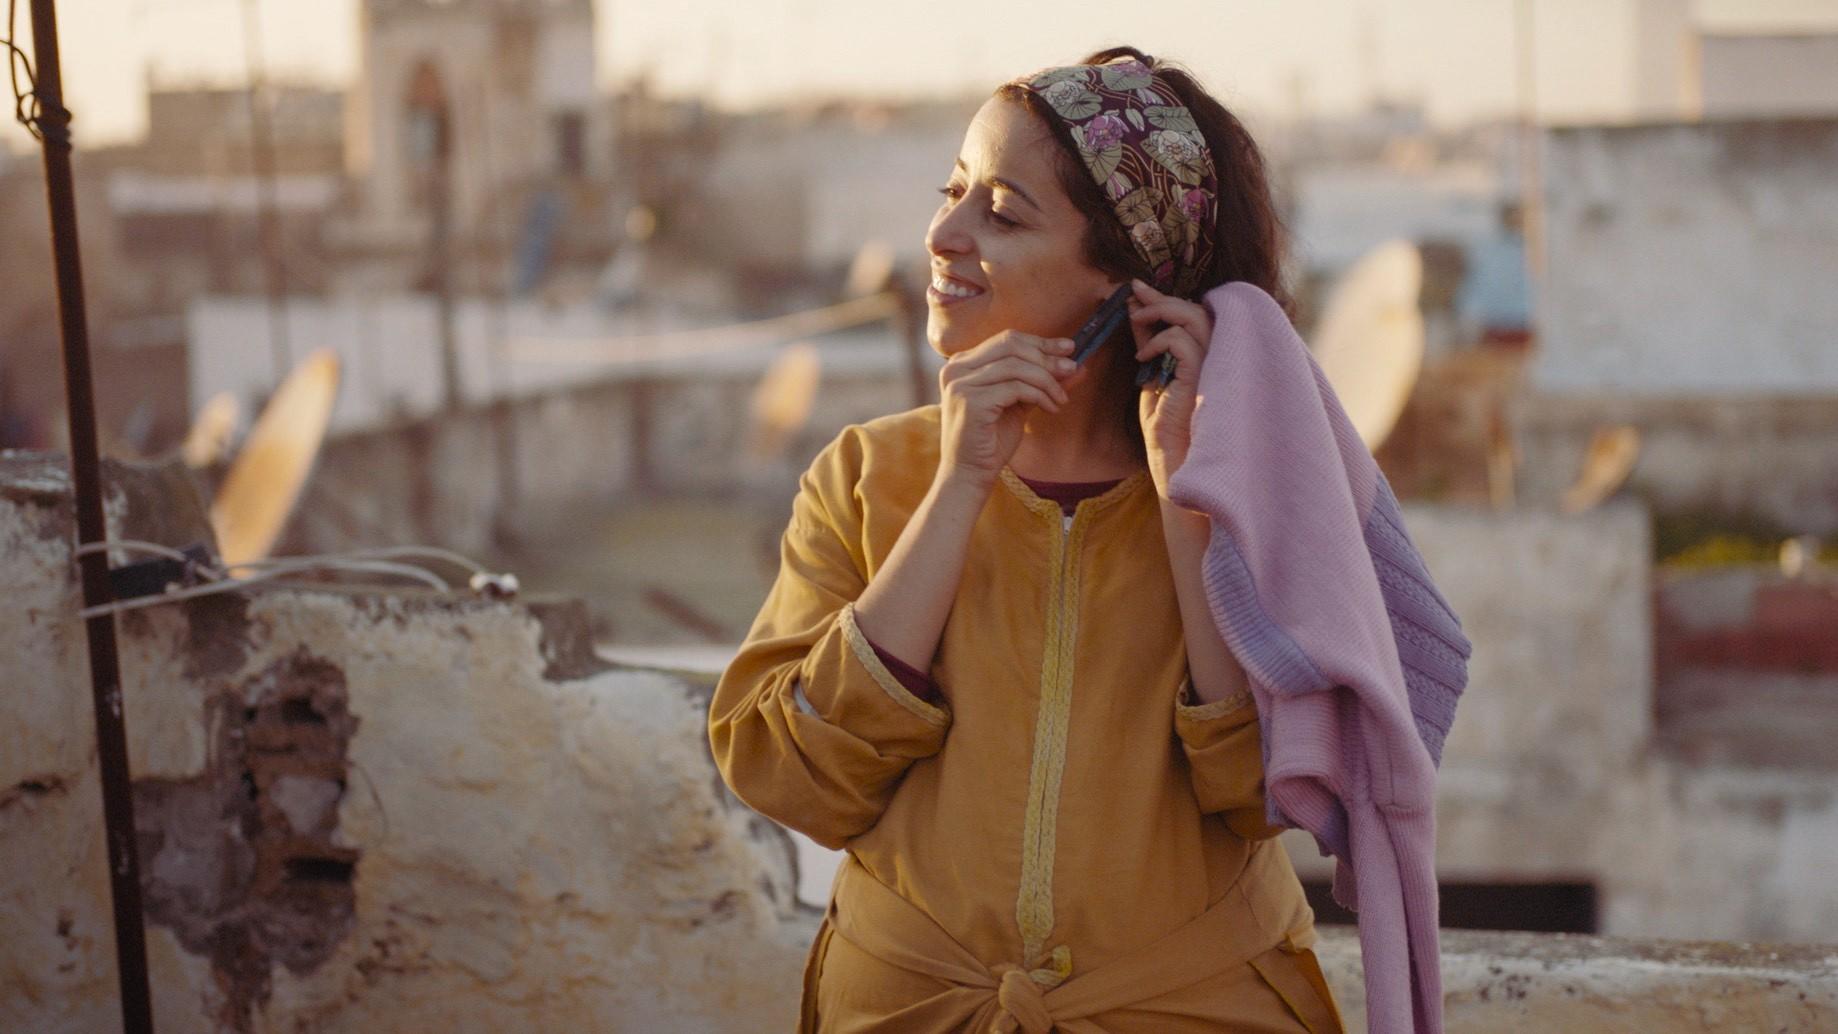 『モロッコ、彼女たちの朝』── 密室劇が描いた「生きづらさ」とニューノーマルへの視線|加藤るみ